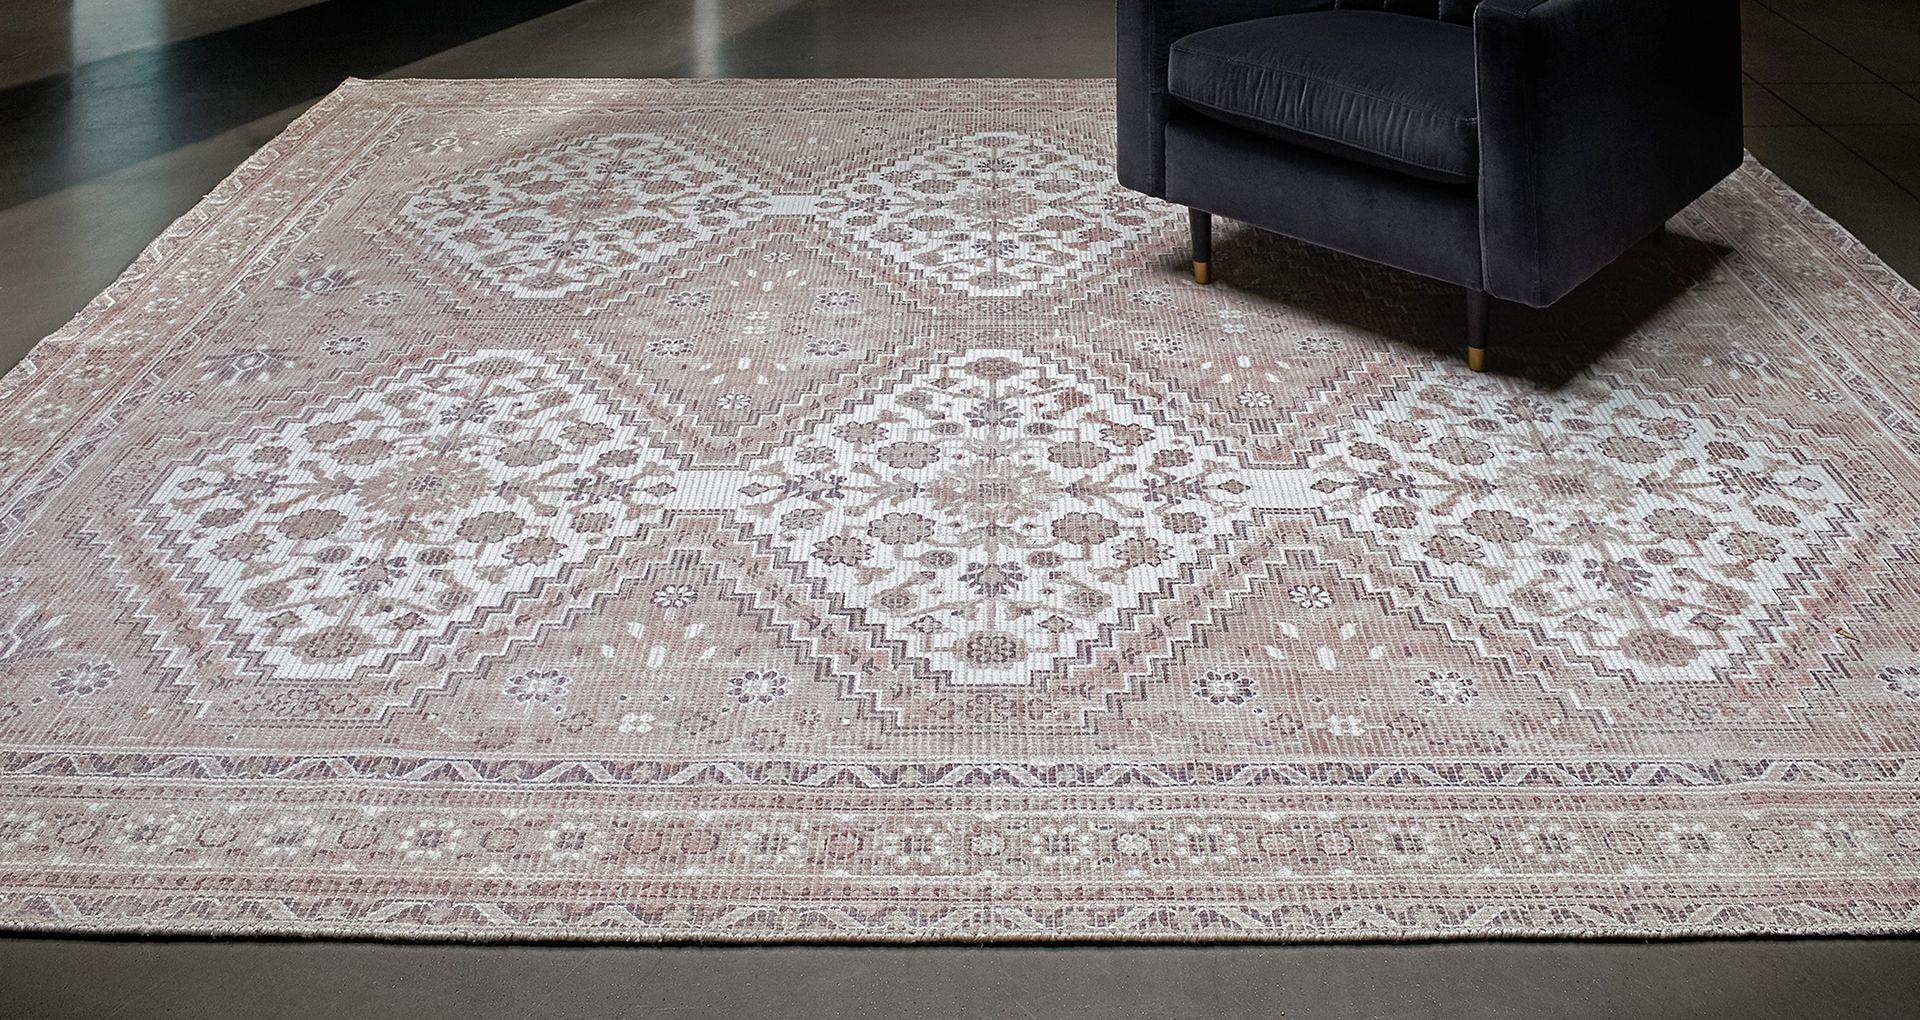 Meena Floor Rug Floor Rugs Upholstered Furniture Living Room Color